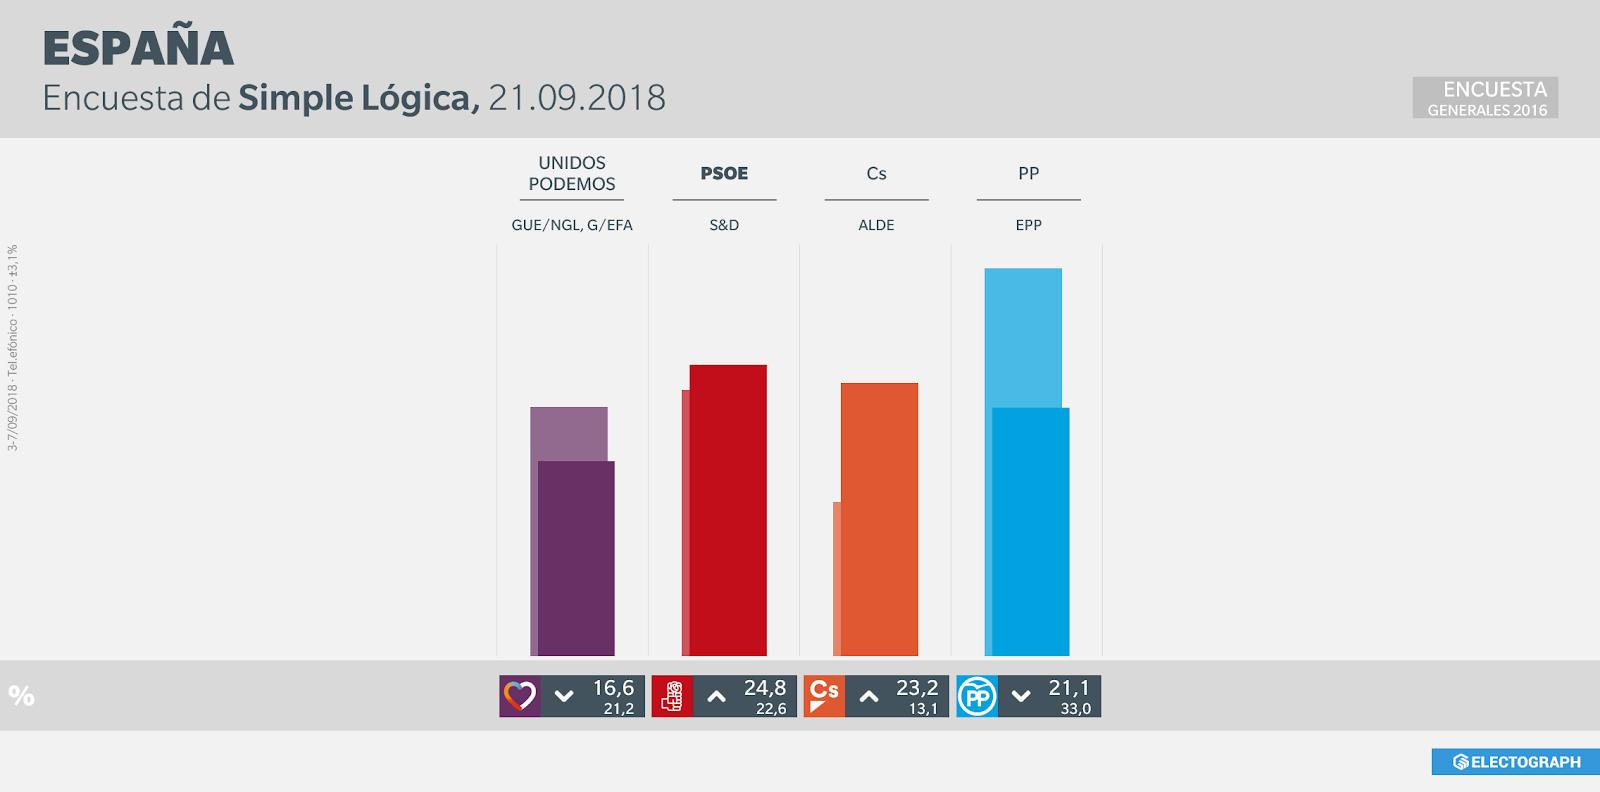 Gráfico de la encuesta para elecciones generales en España realizada por Simple Lógica en septiembre de 2018